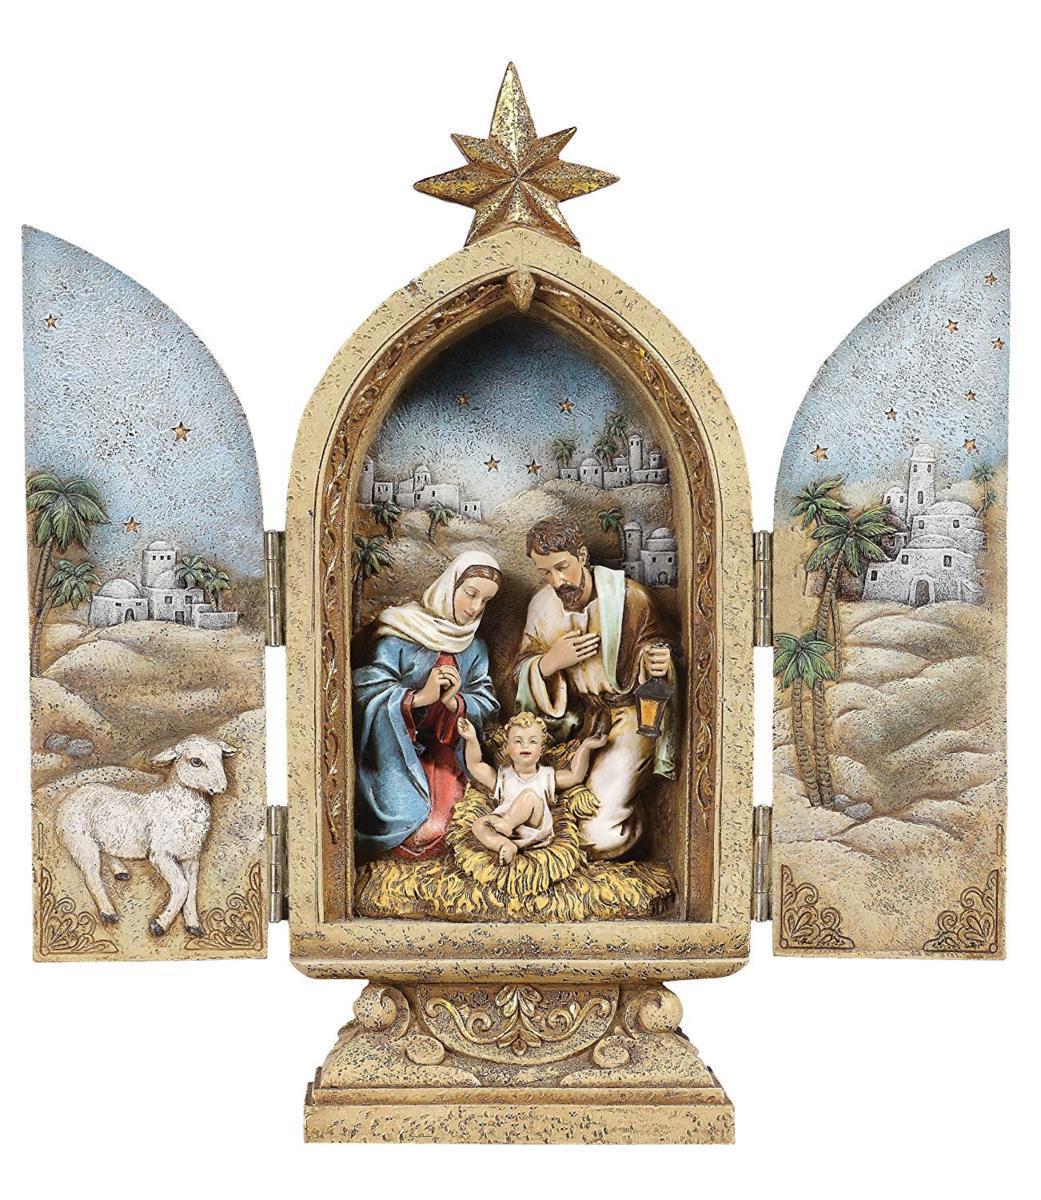 ヨセフ・スタジオ製 聖家族の三連祭壇画 高さ 約25cm彫像 彫刻/ Joseph's Studio by Roman Holy Family Triptych Figurine(輸入品)